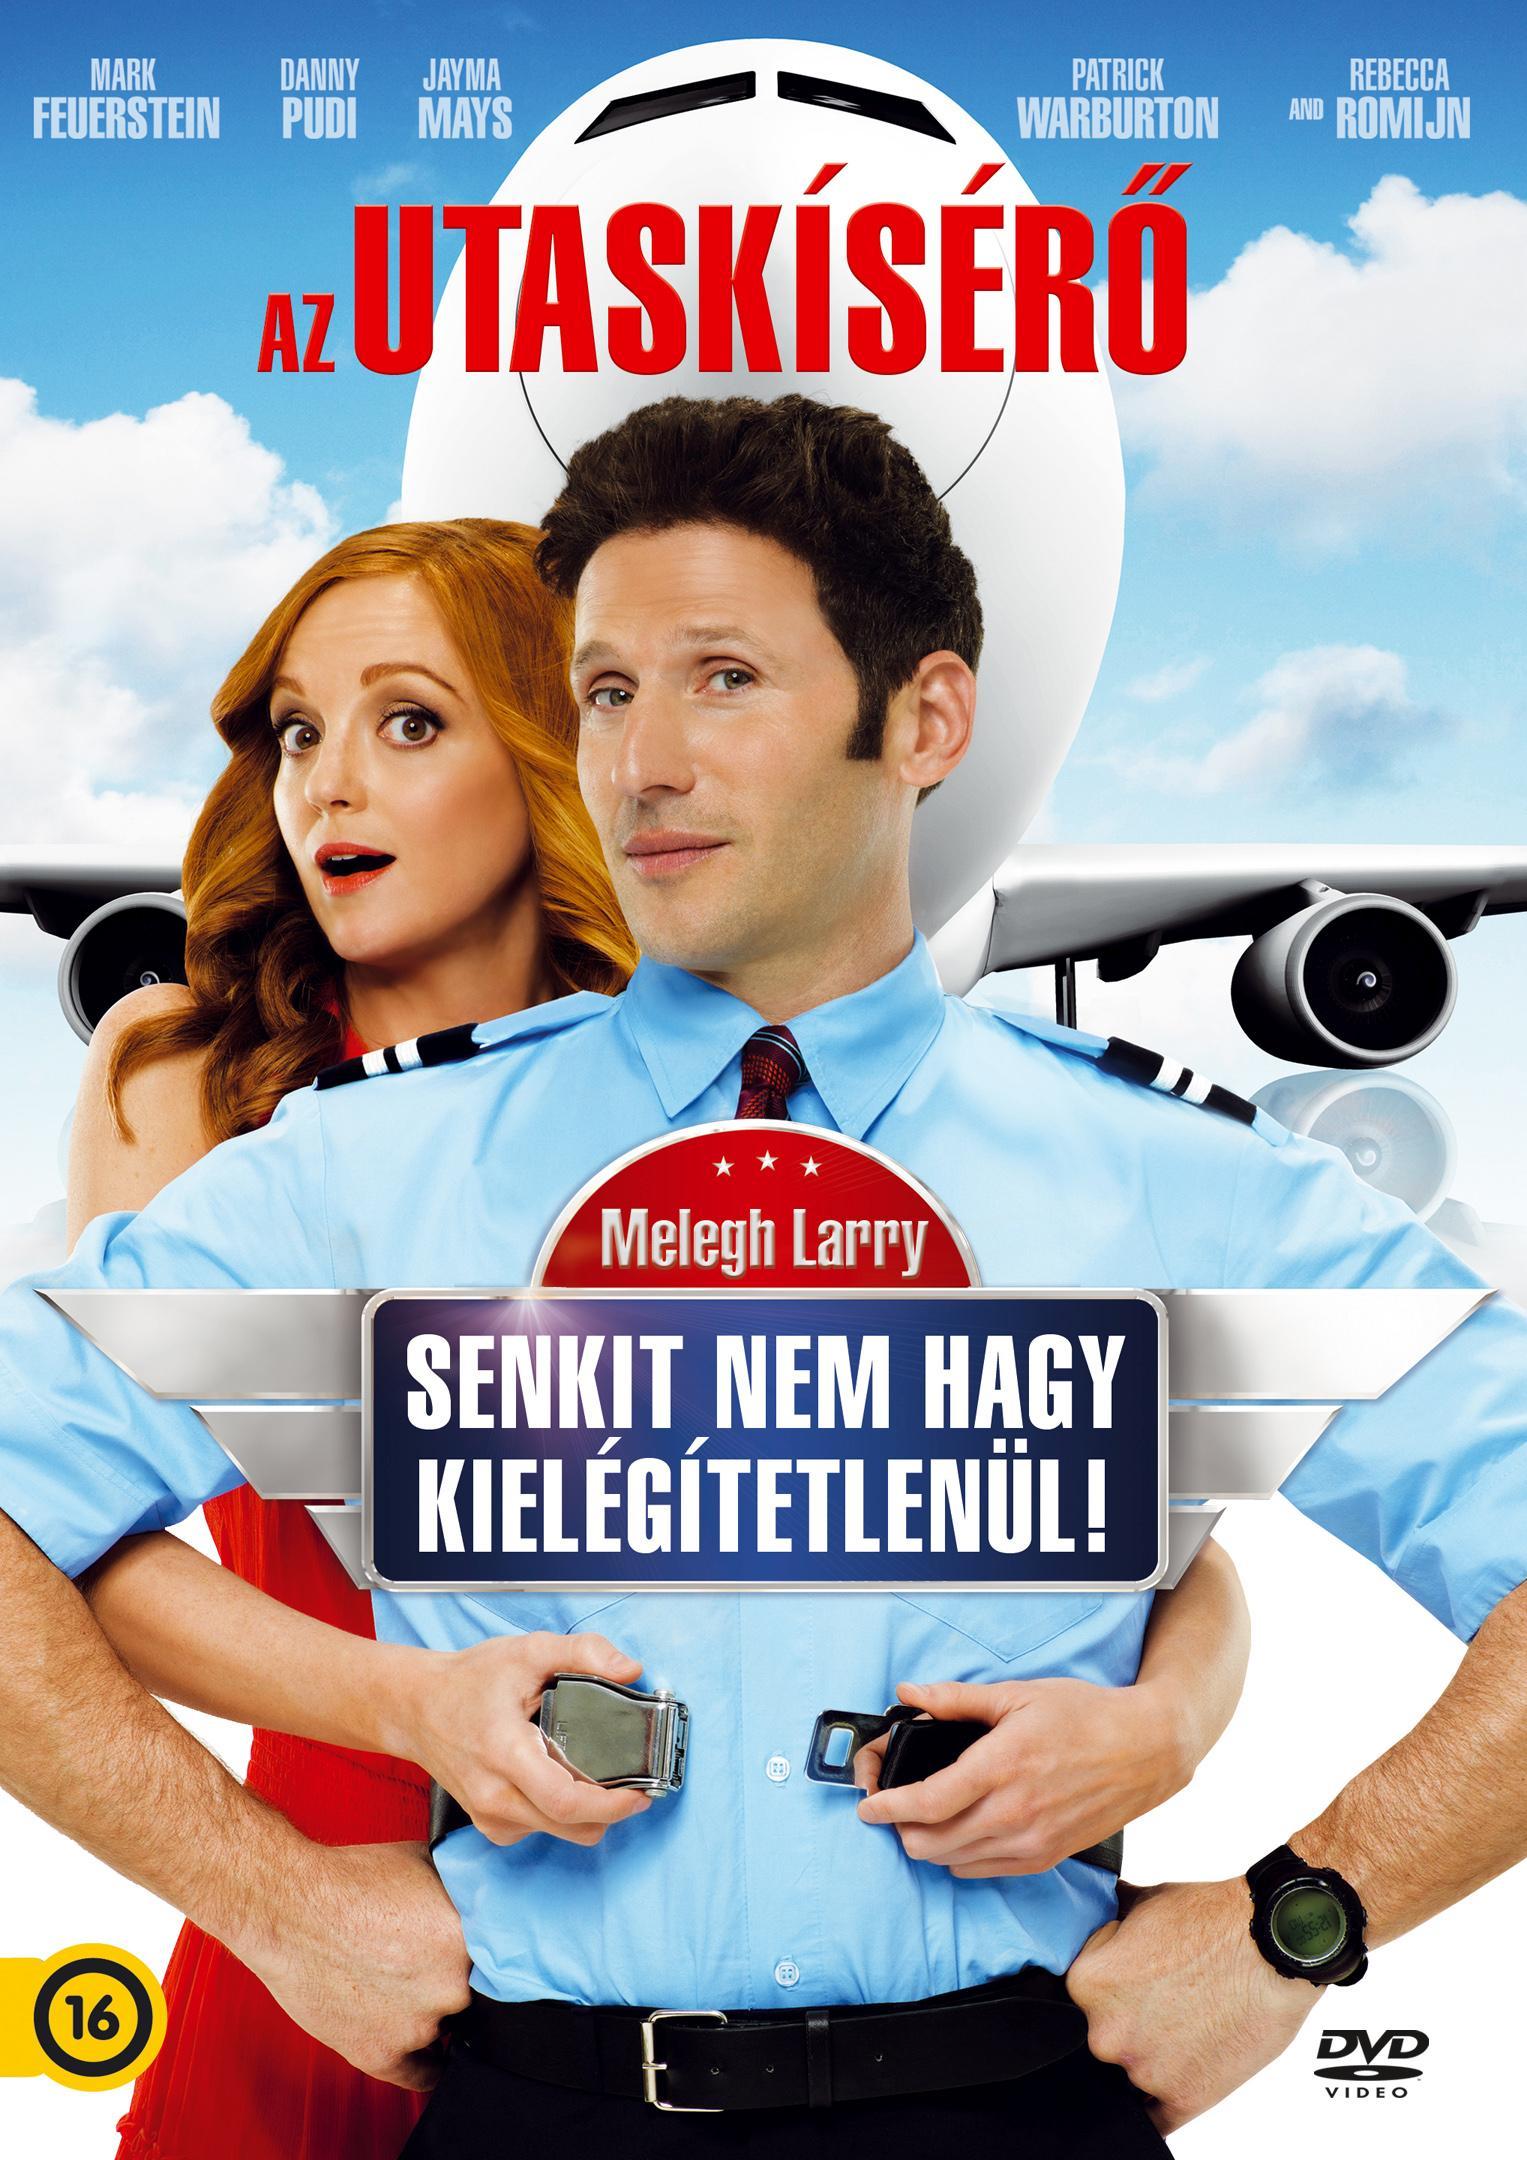 - AZ UTASKISÉRŐ - DVD -